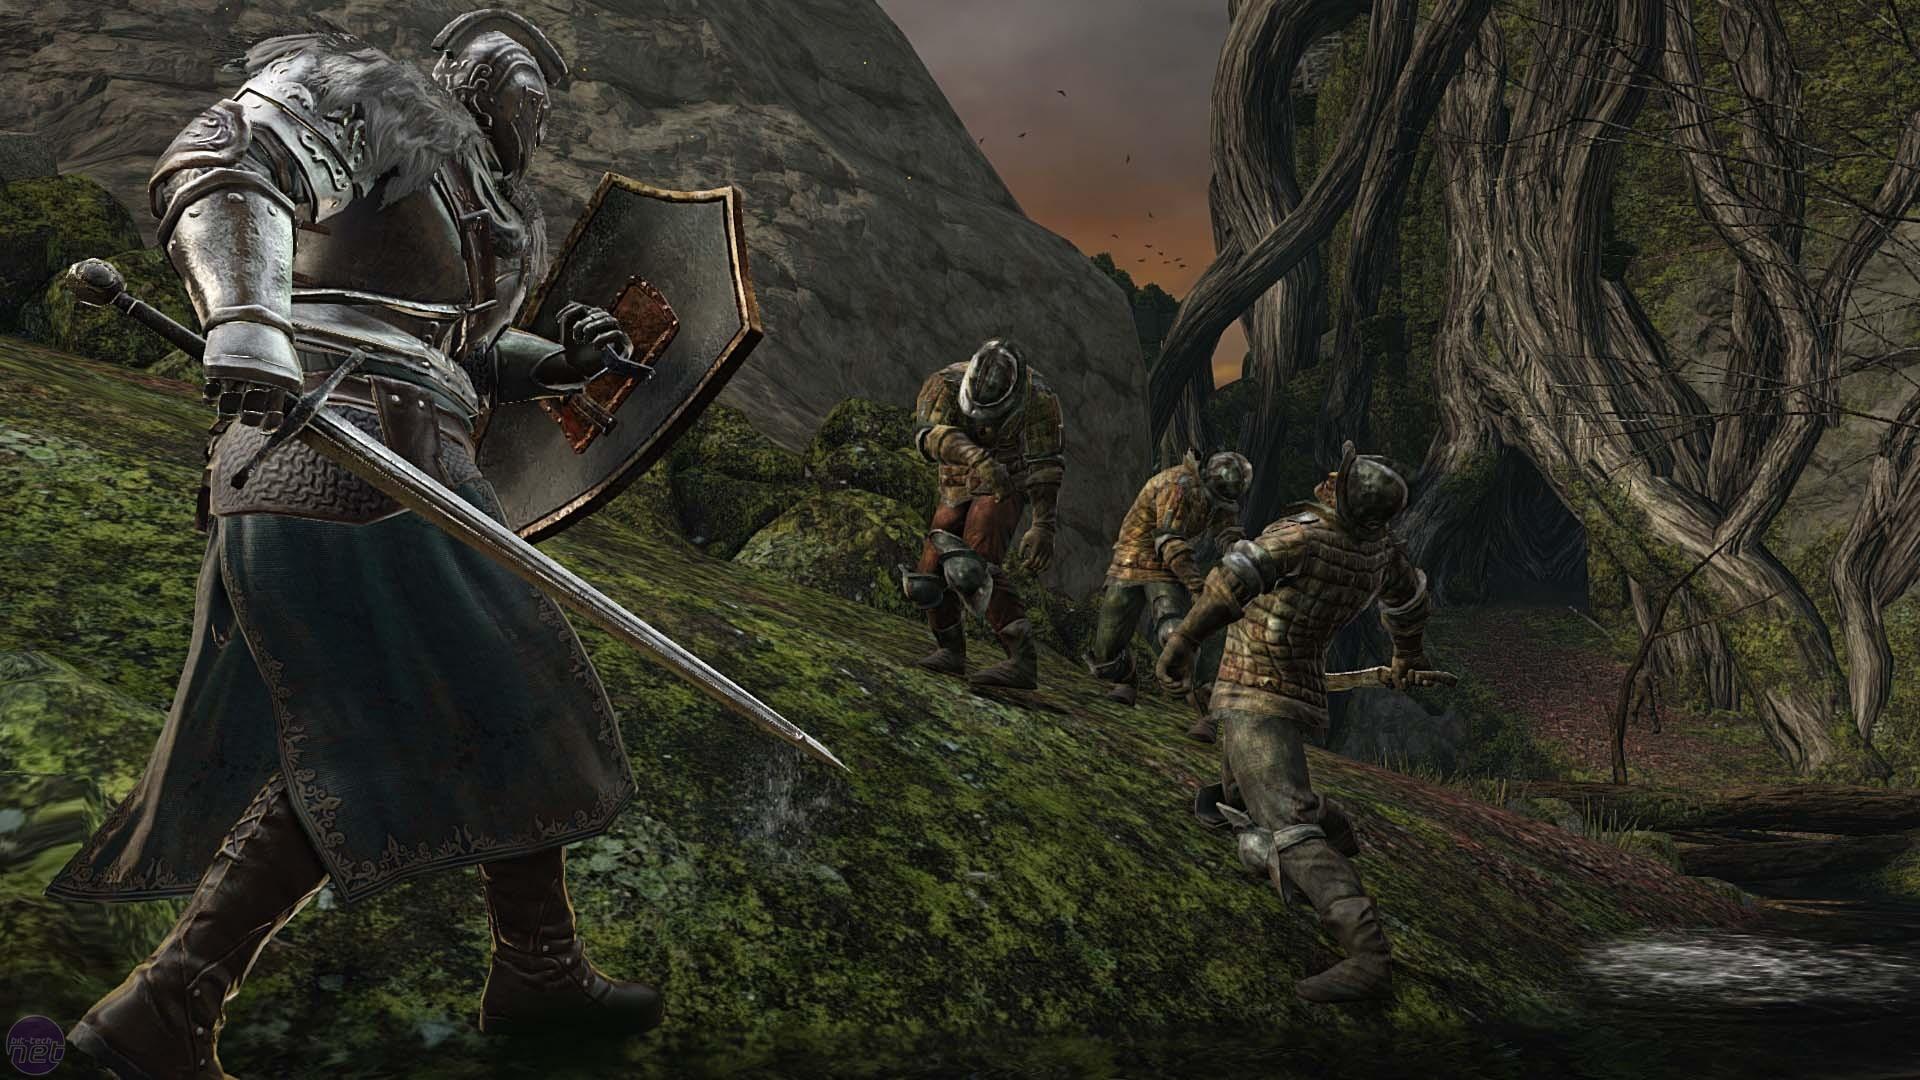 Dark Souls 3 Animated Wallpaper Wallpapersafari